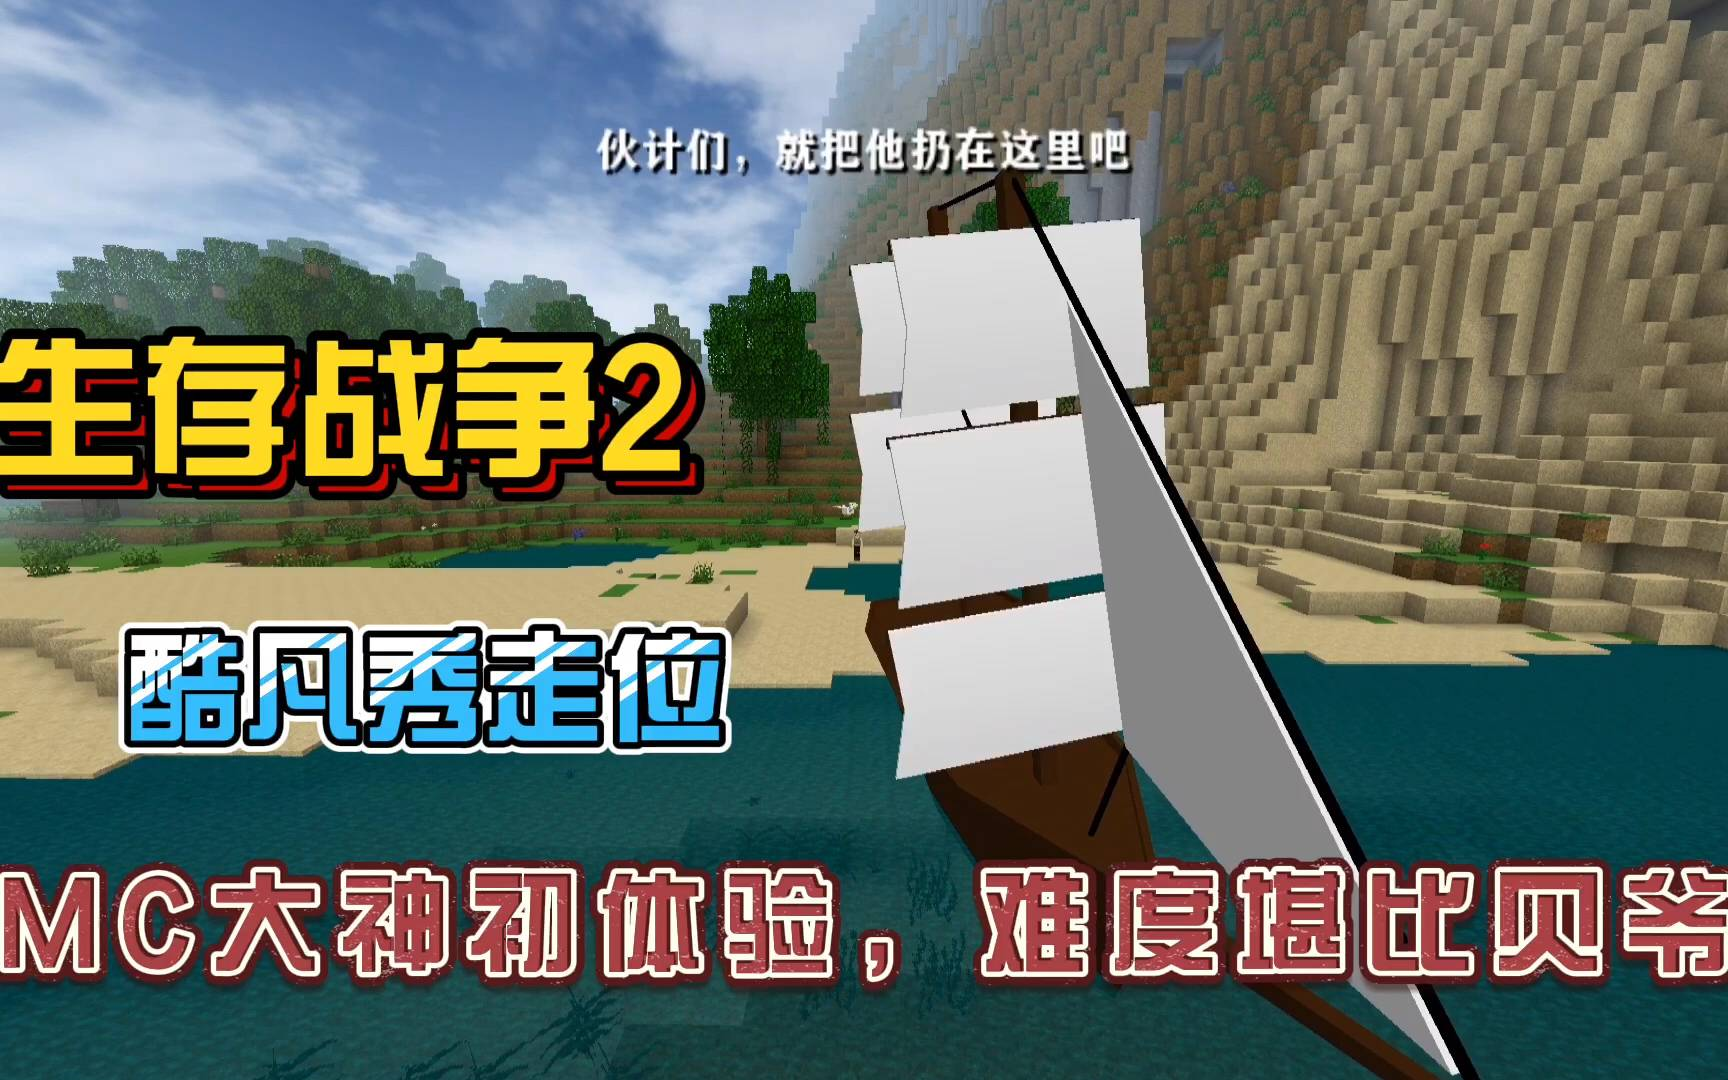 生存战争2:MC大神游玩生存战争,难度居然堪比贝爷生存!